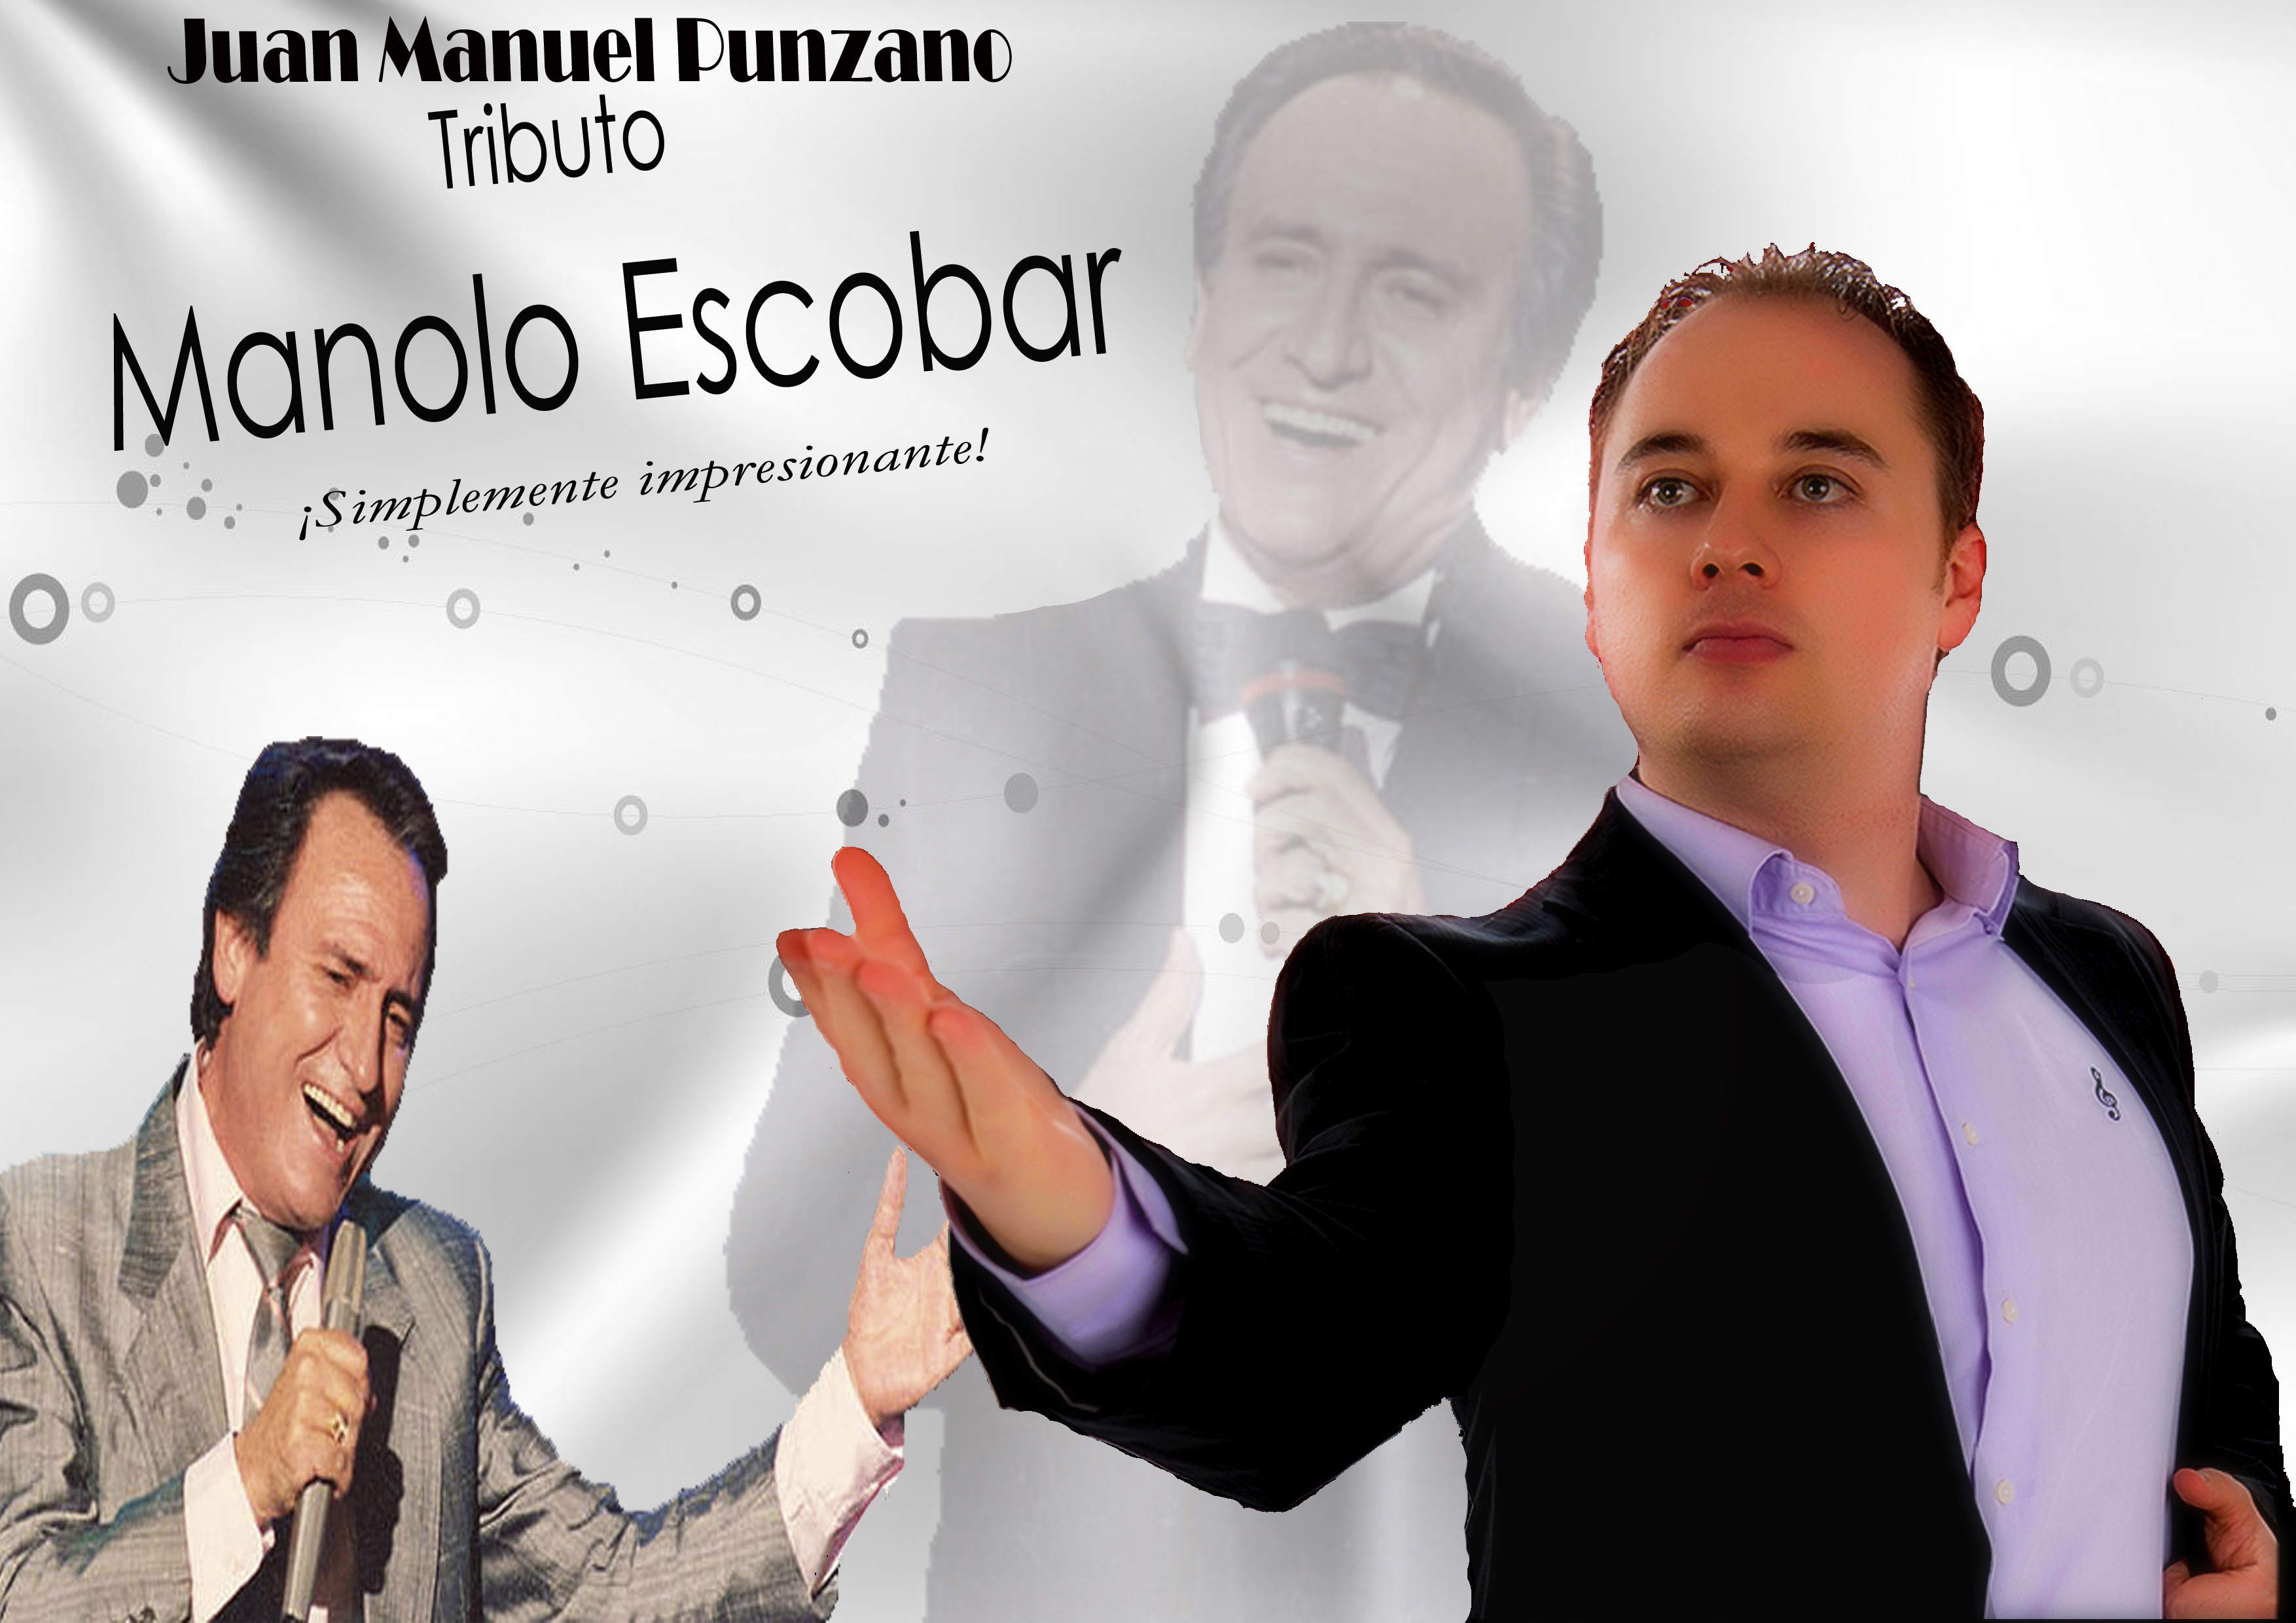 TRIBUTO A MANOLO ESCOBAR